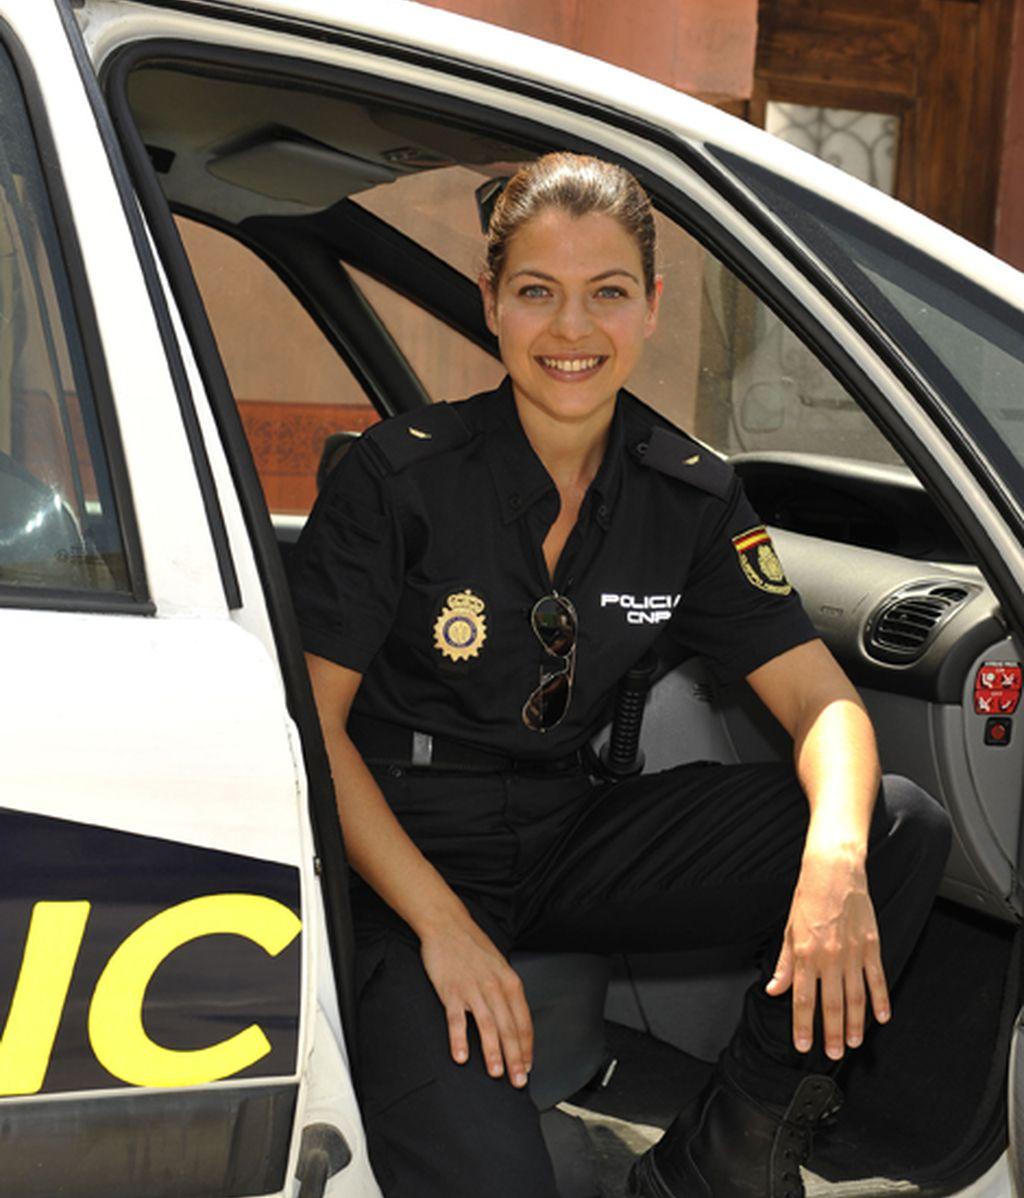 Thais Blume es Mati, la mujer policía en un ambiente hostil